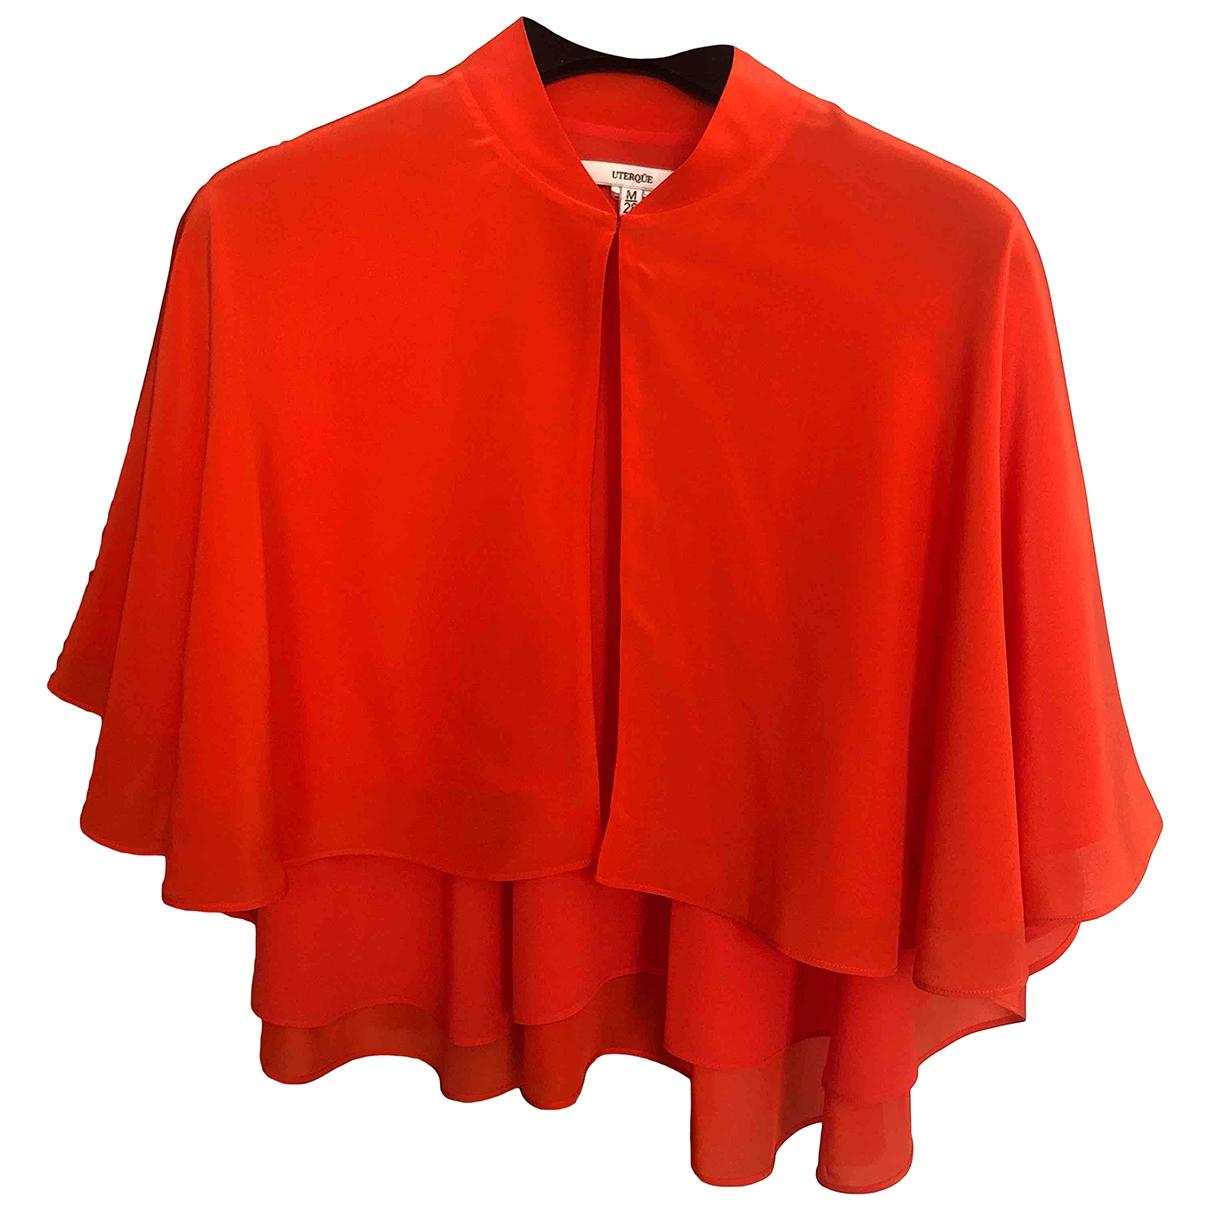 Uterque - Veste   pour femme en soie - orange